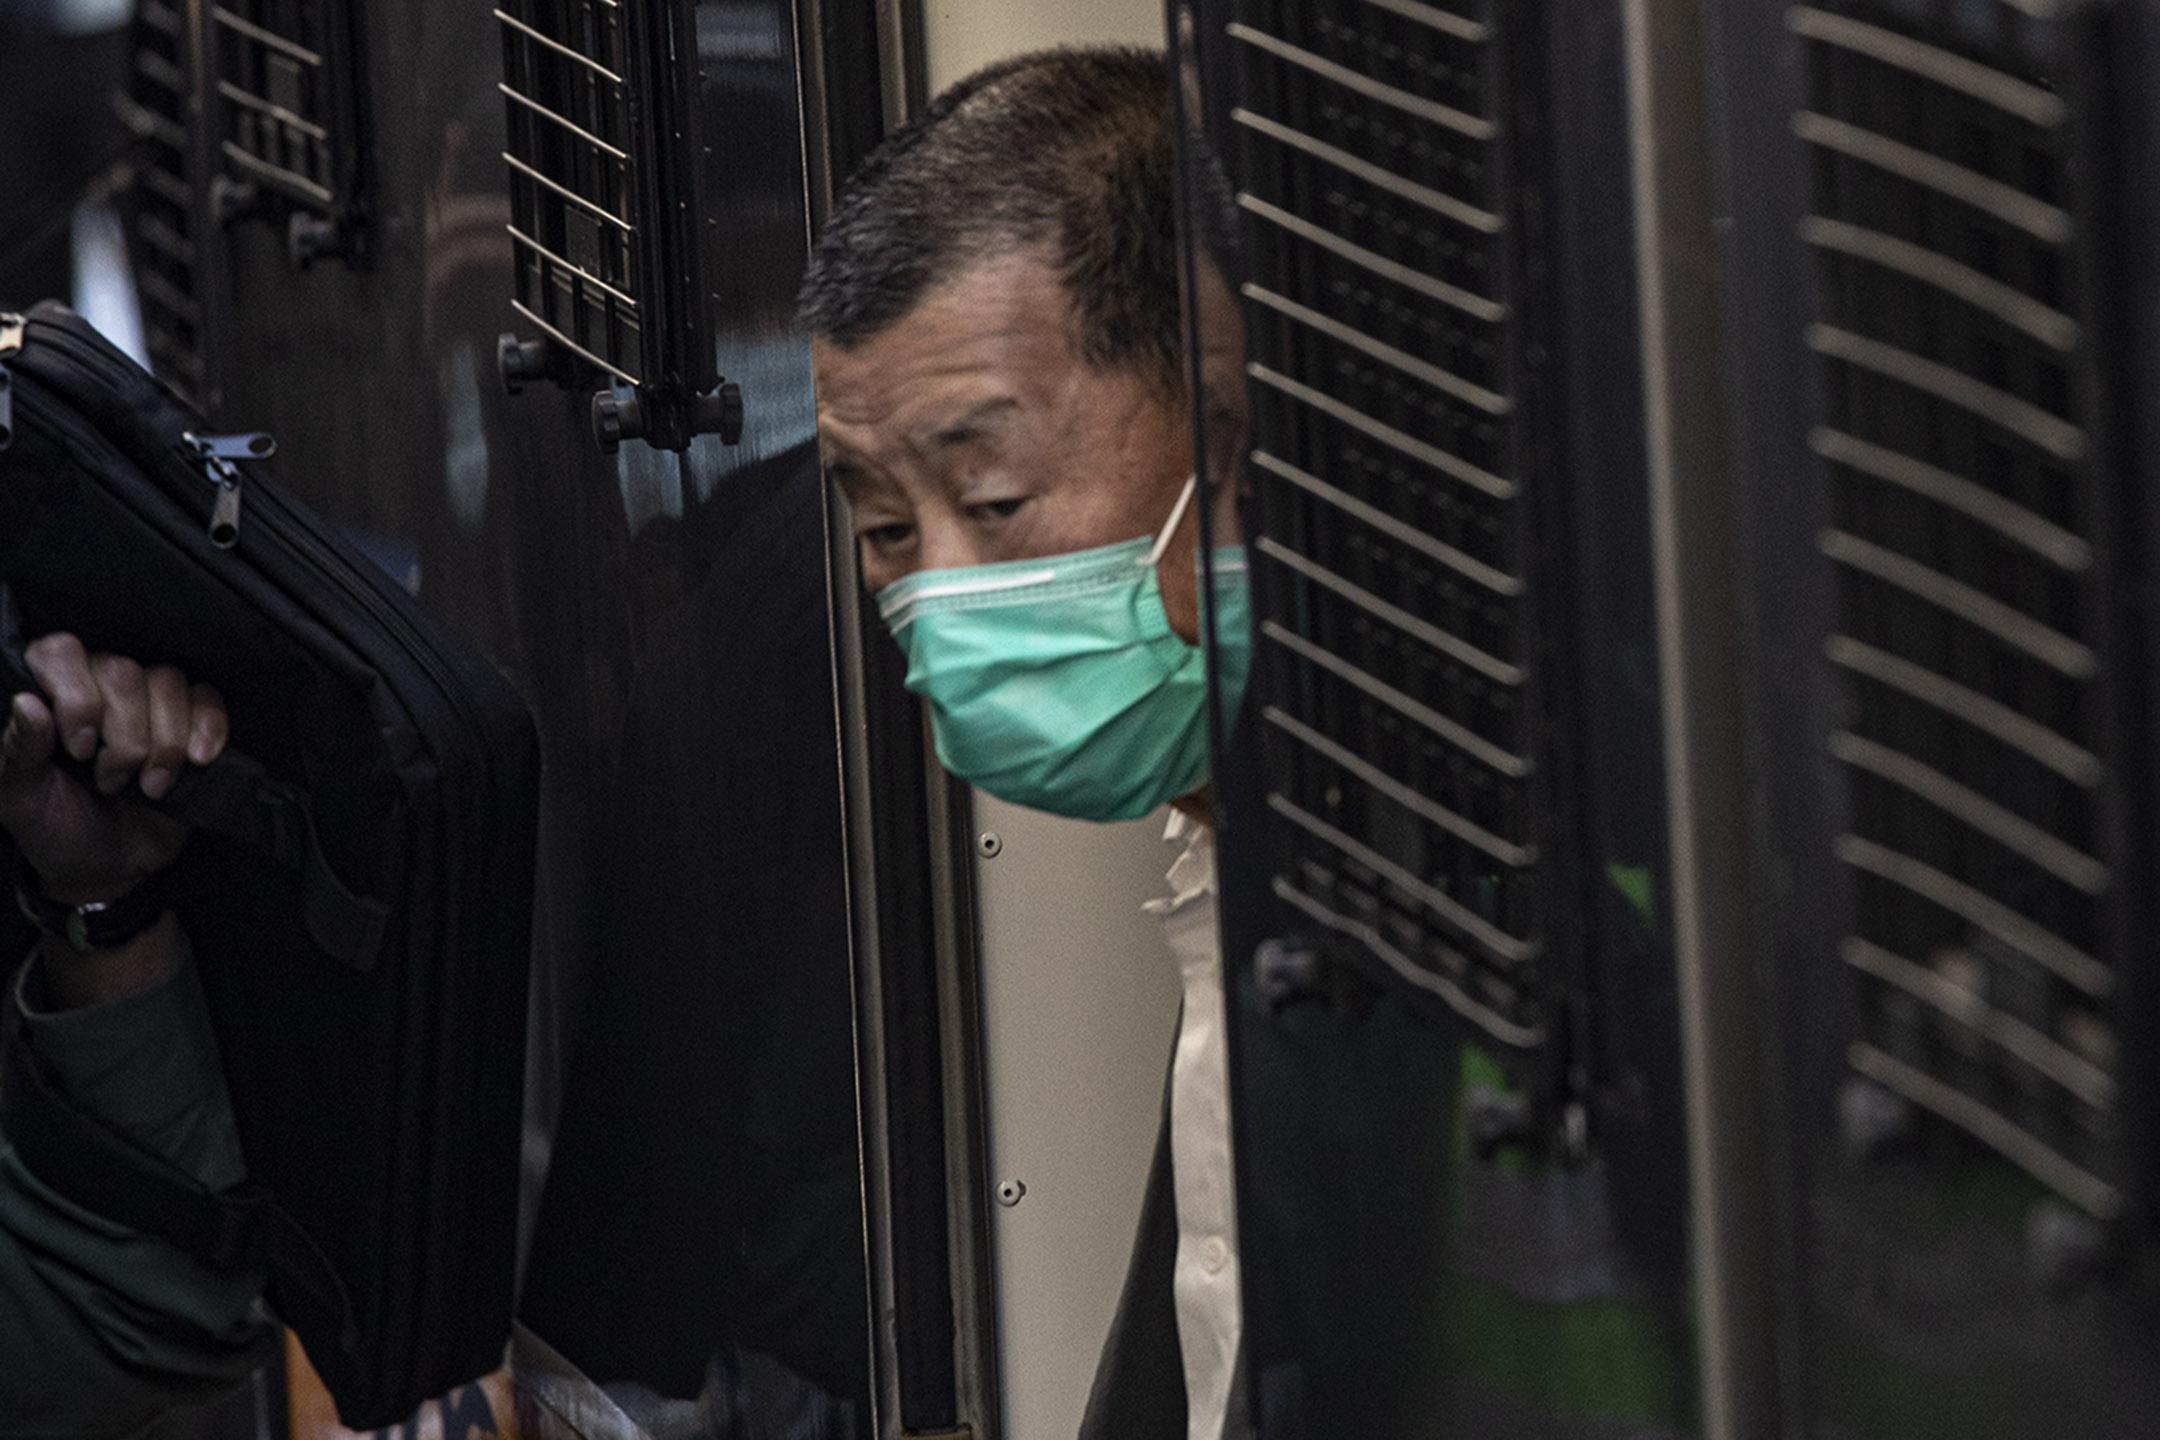 2021年2月1日香港,終院五位法官聽罷雙方理據及陳詞後,決定押後裁決,期間黎智英需要繼續還押,圖為黎智英早上由囚車步向法院的一刻。 攝:陳焯煇/端傳媒